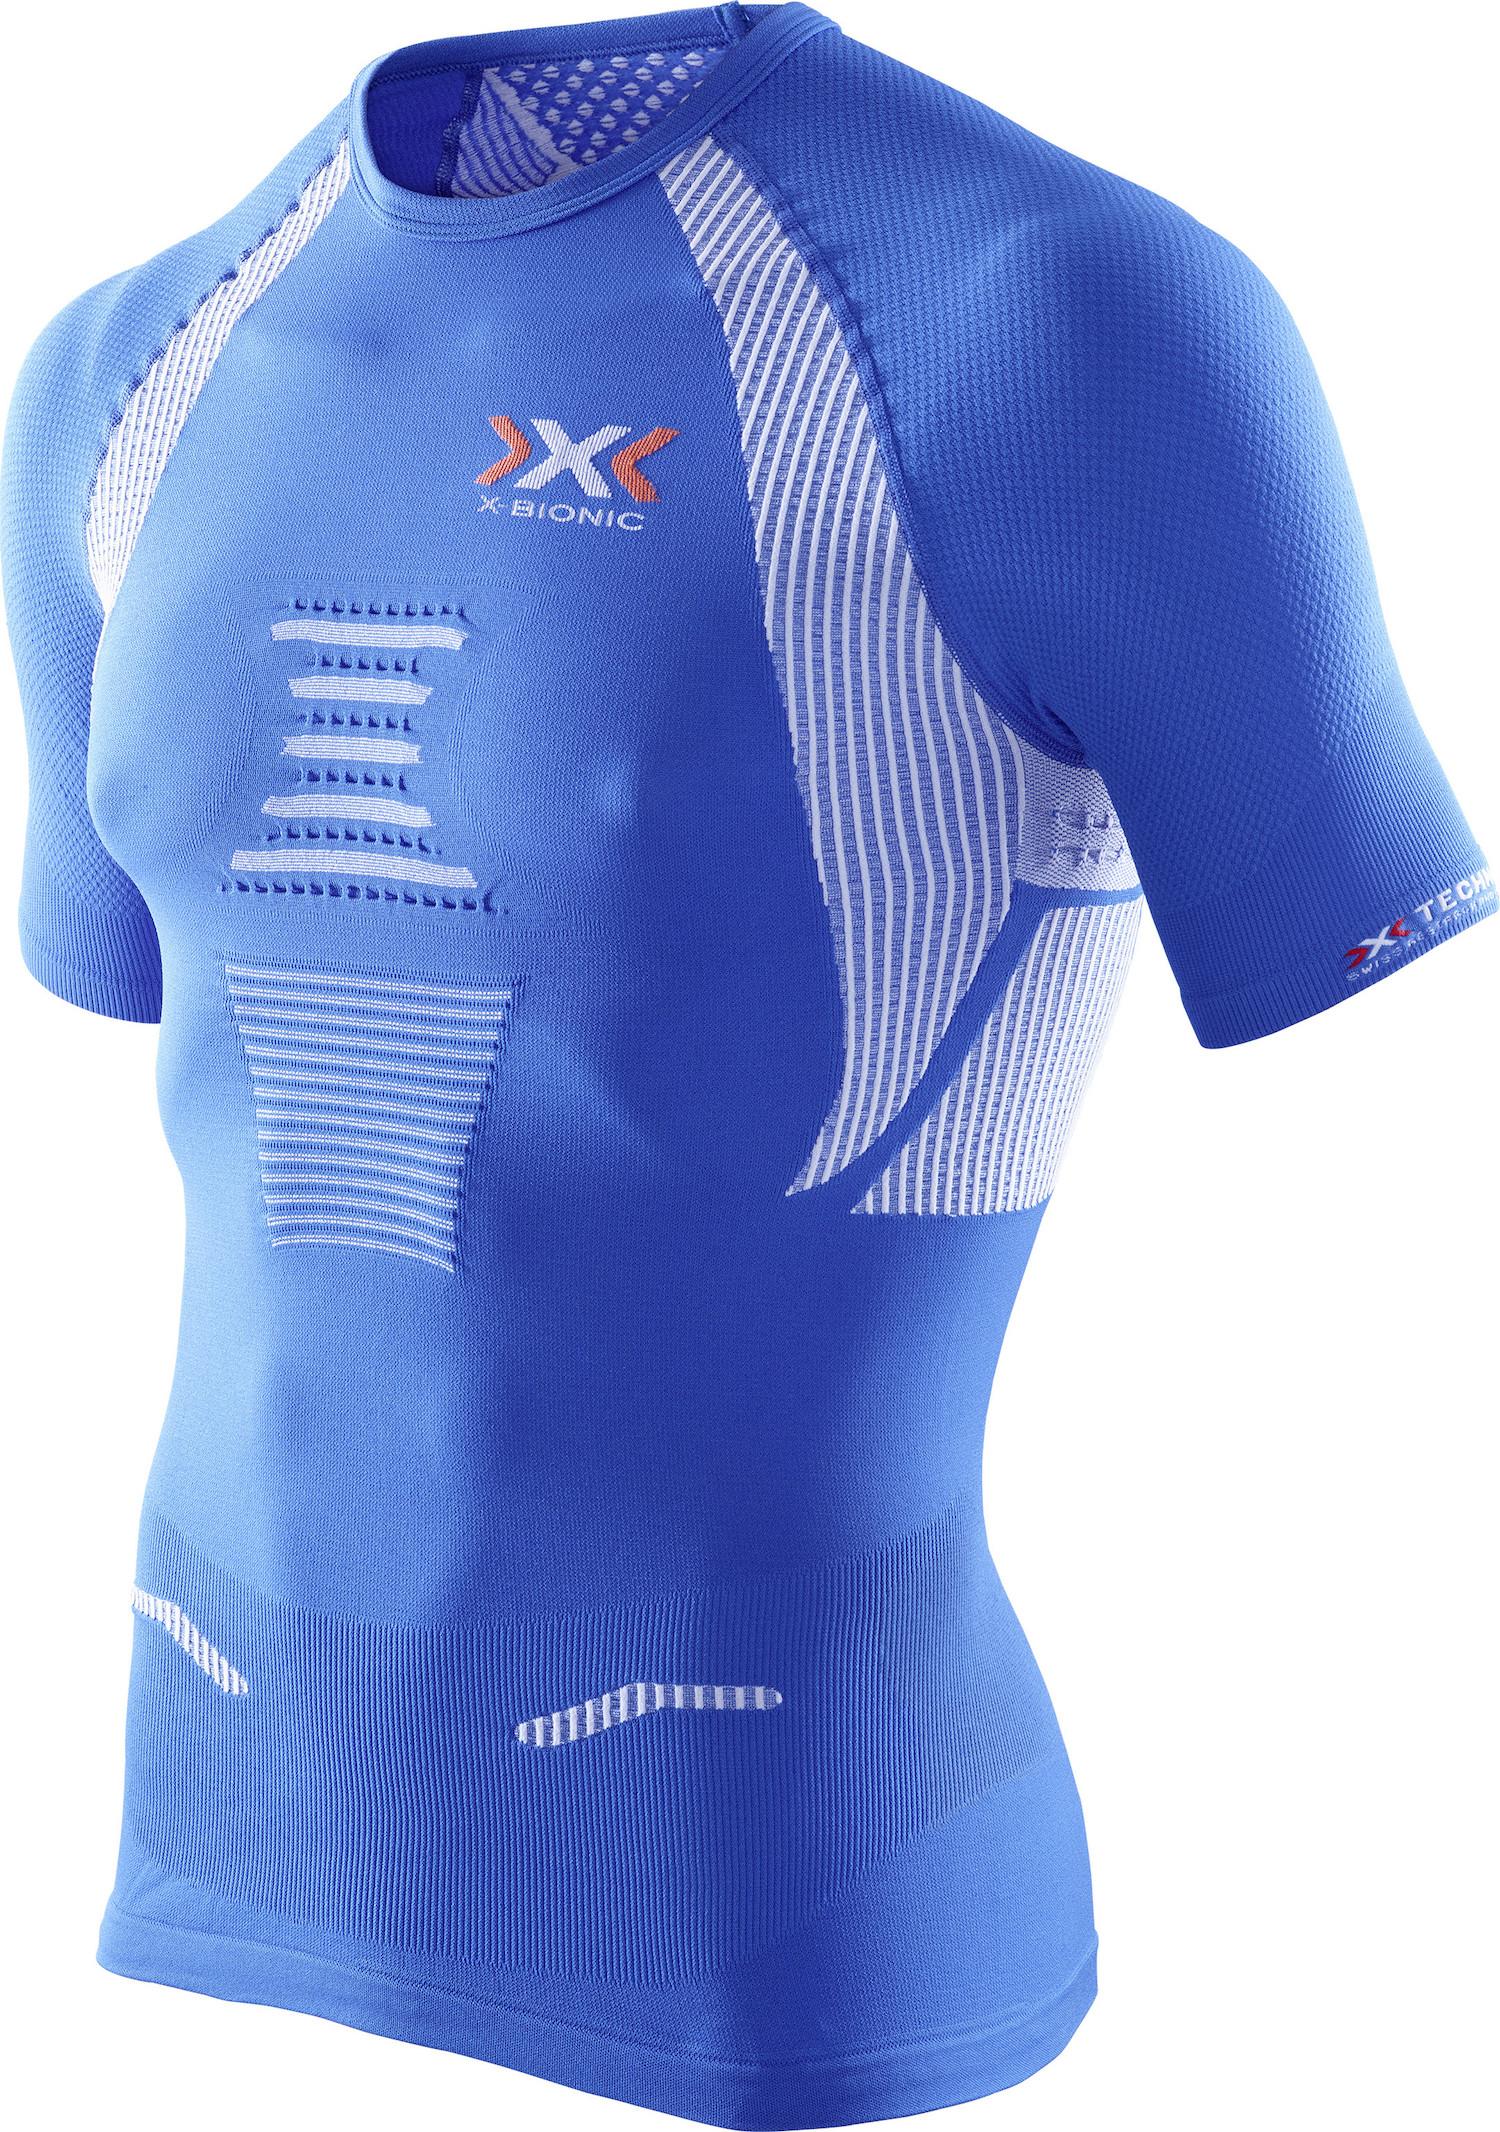 X-Bionic The Trick - Laufshirt - Herren